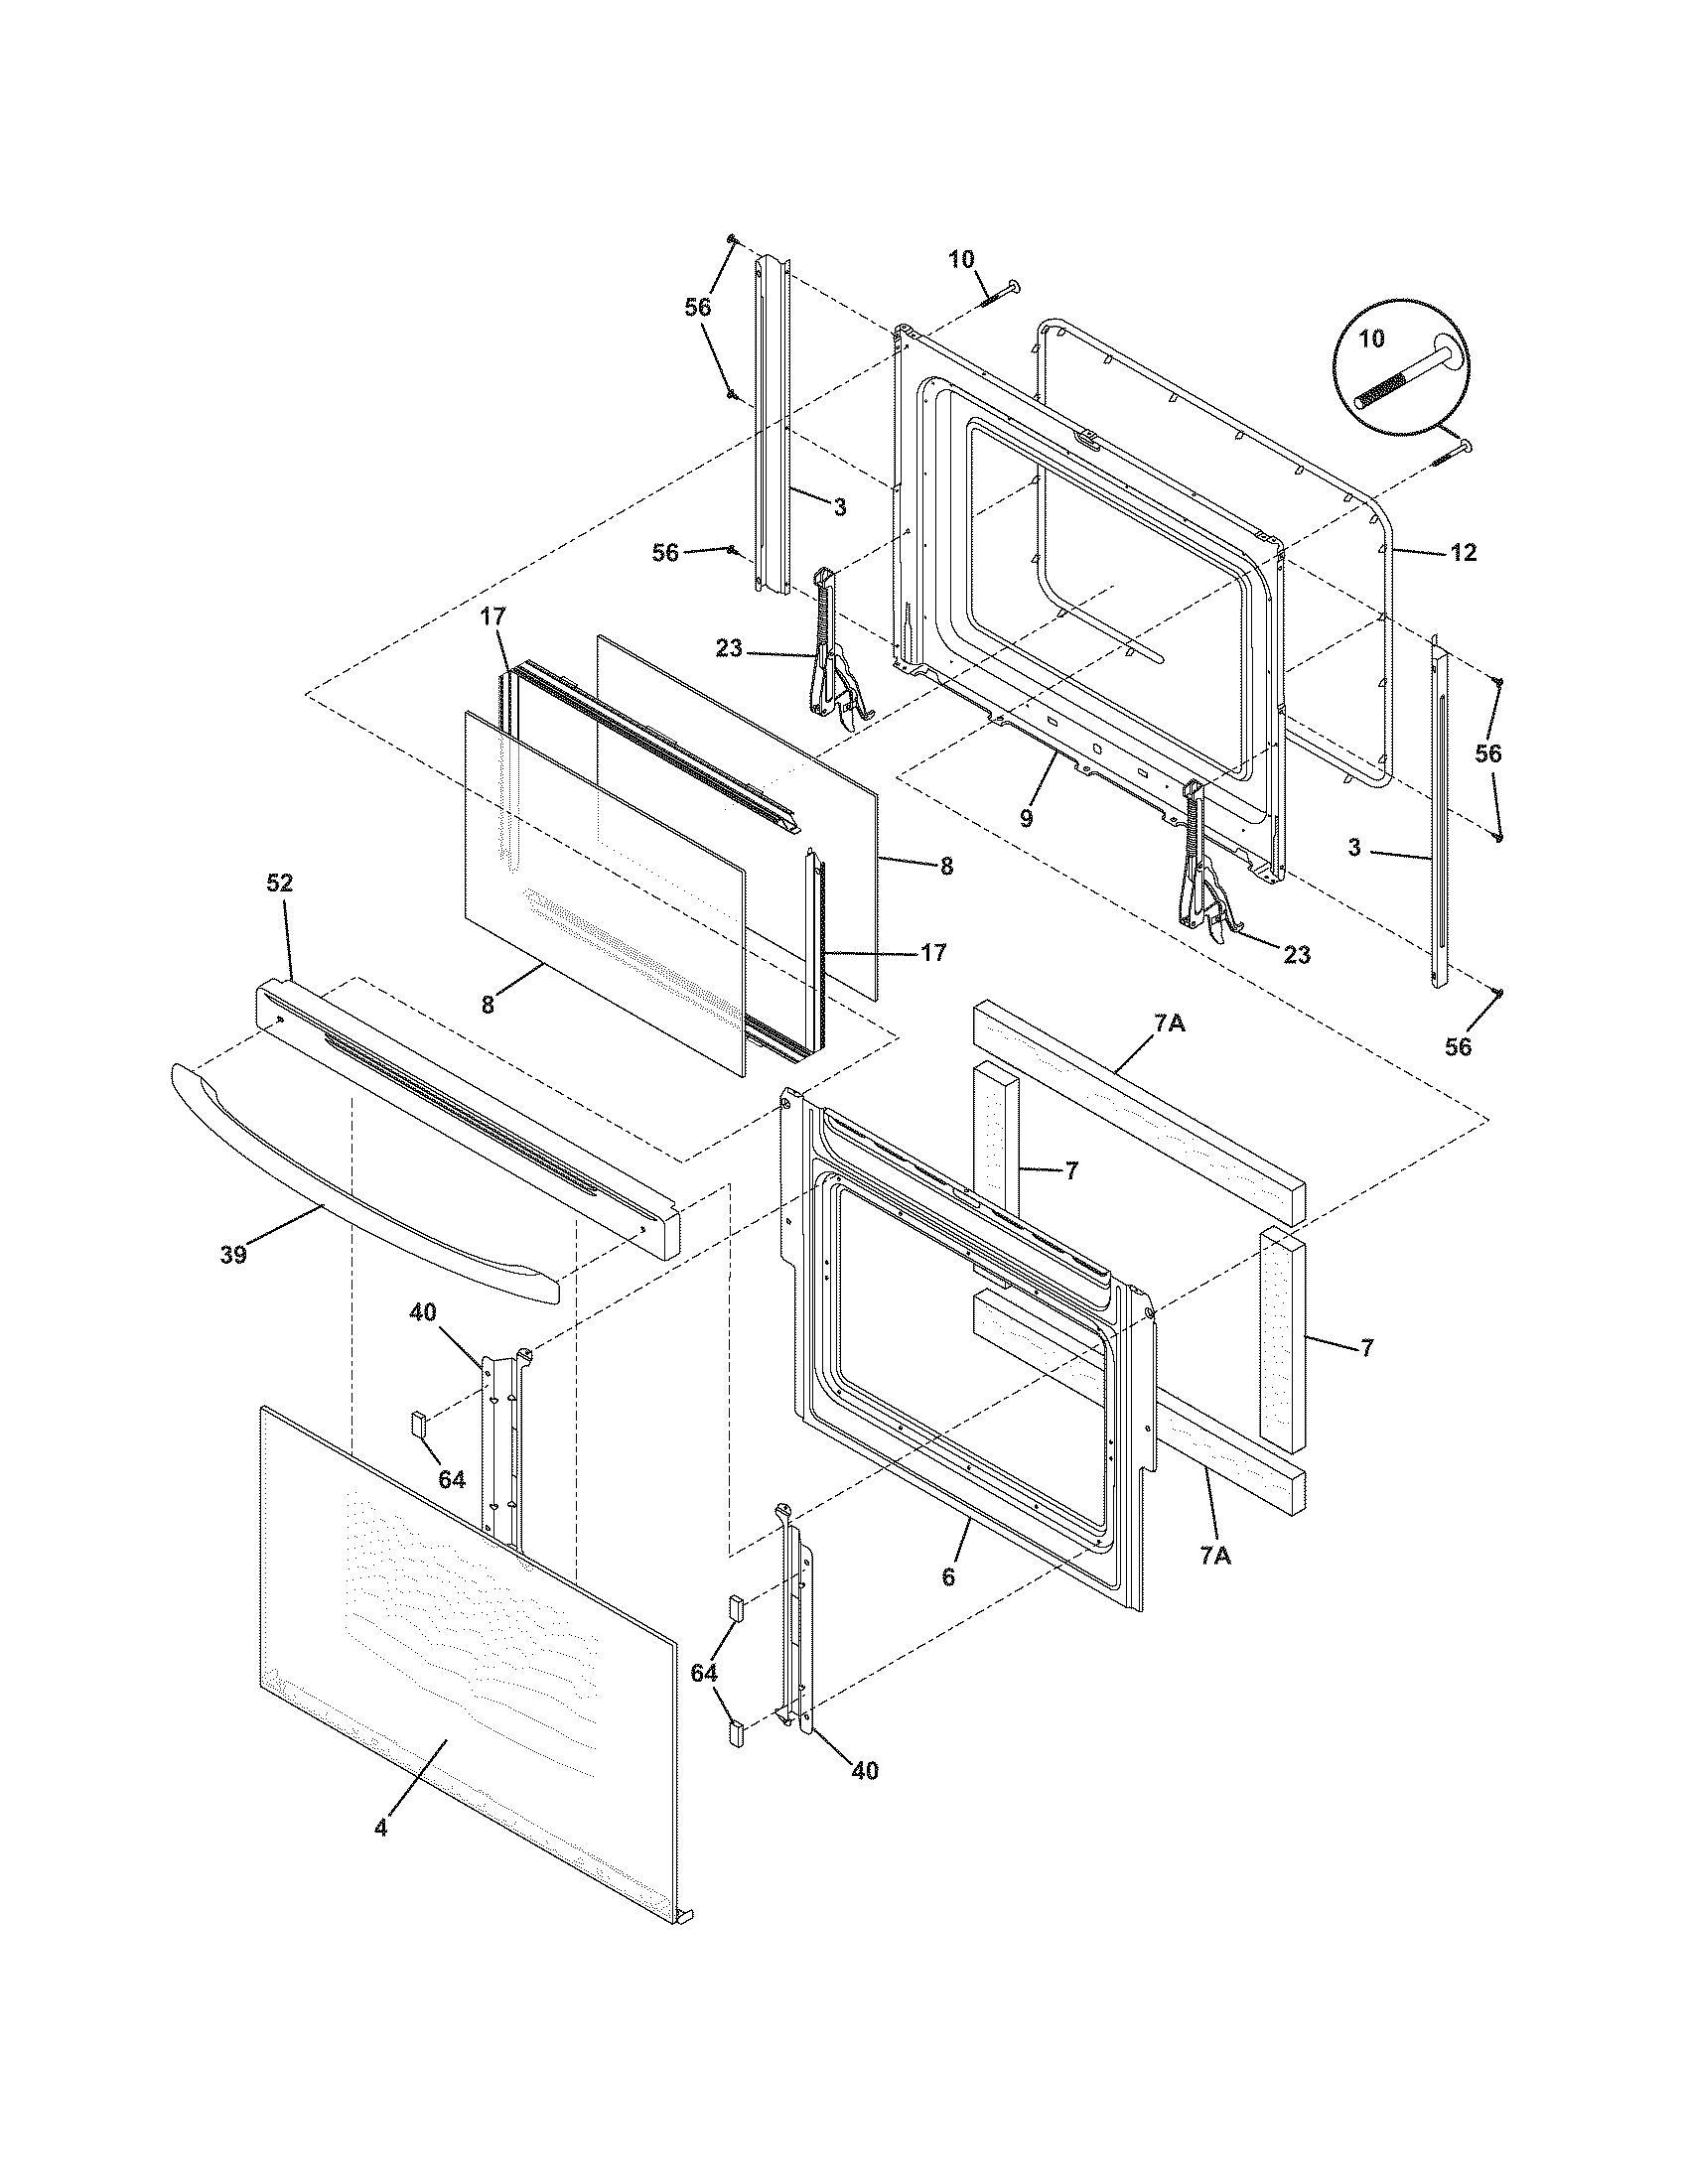 Cfef372cs2 electric range door parts diagram